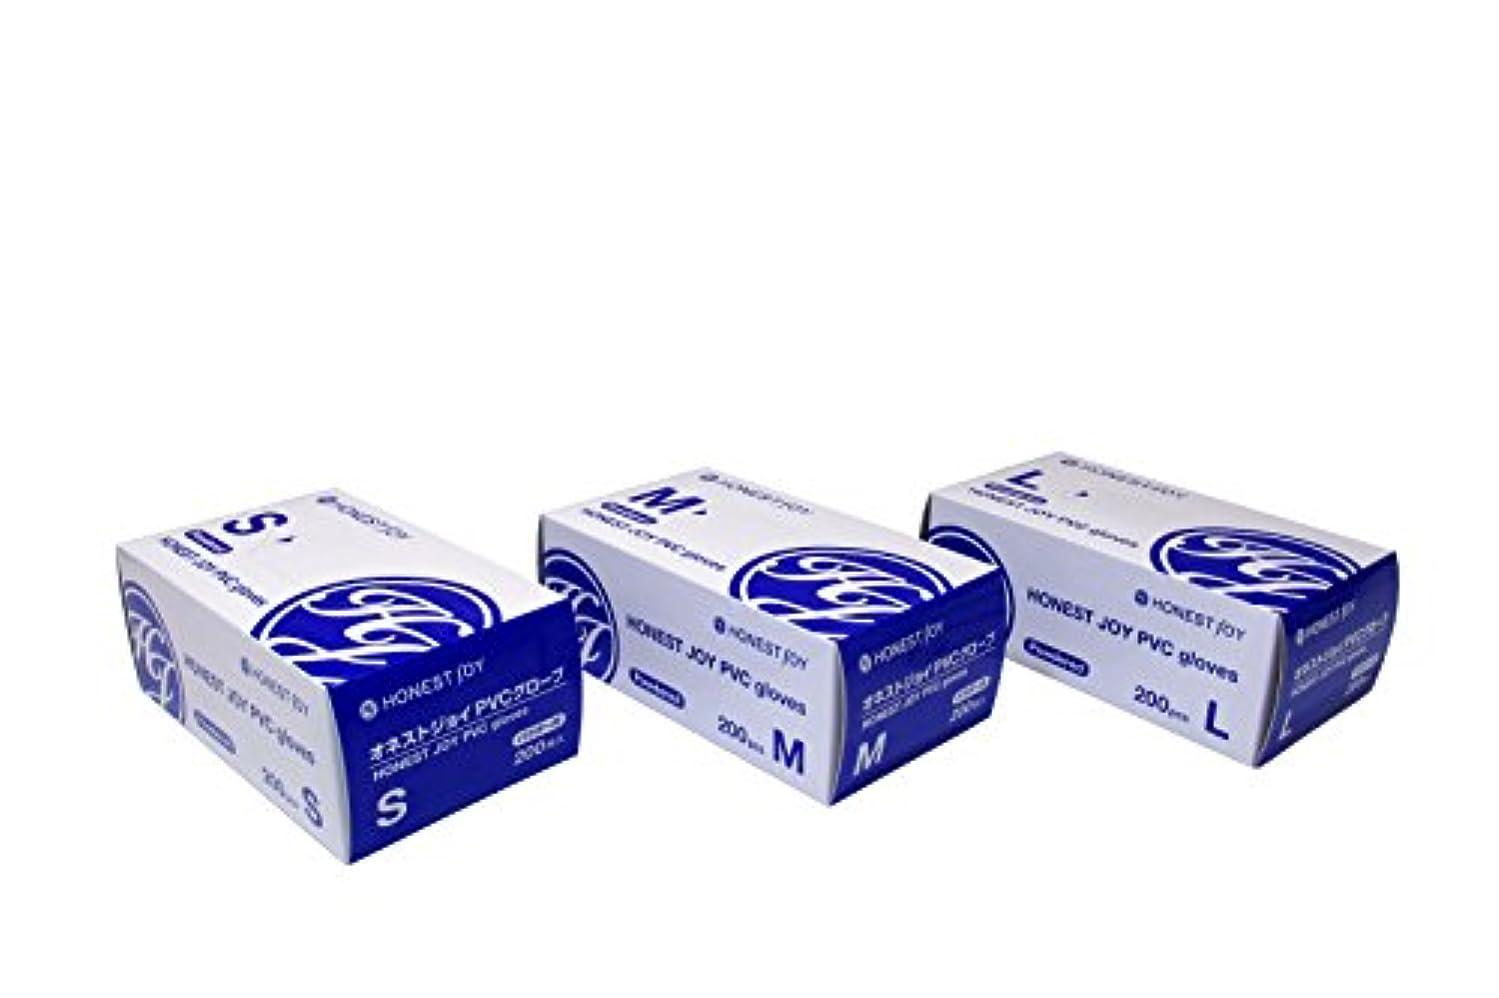 権限を与える害枕オネストジョイ PVC グローブ パウダー付 Mサイズ 1箱200枚入り